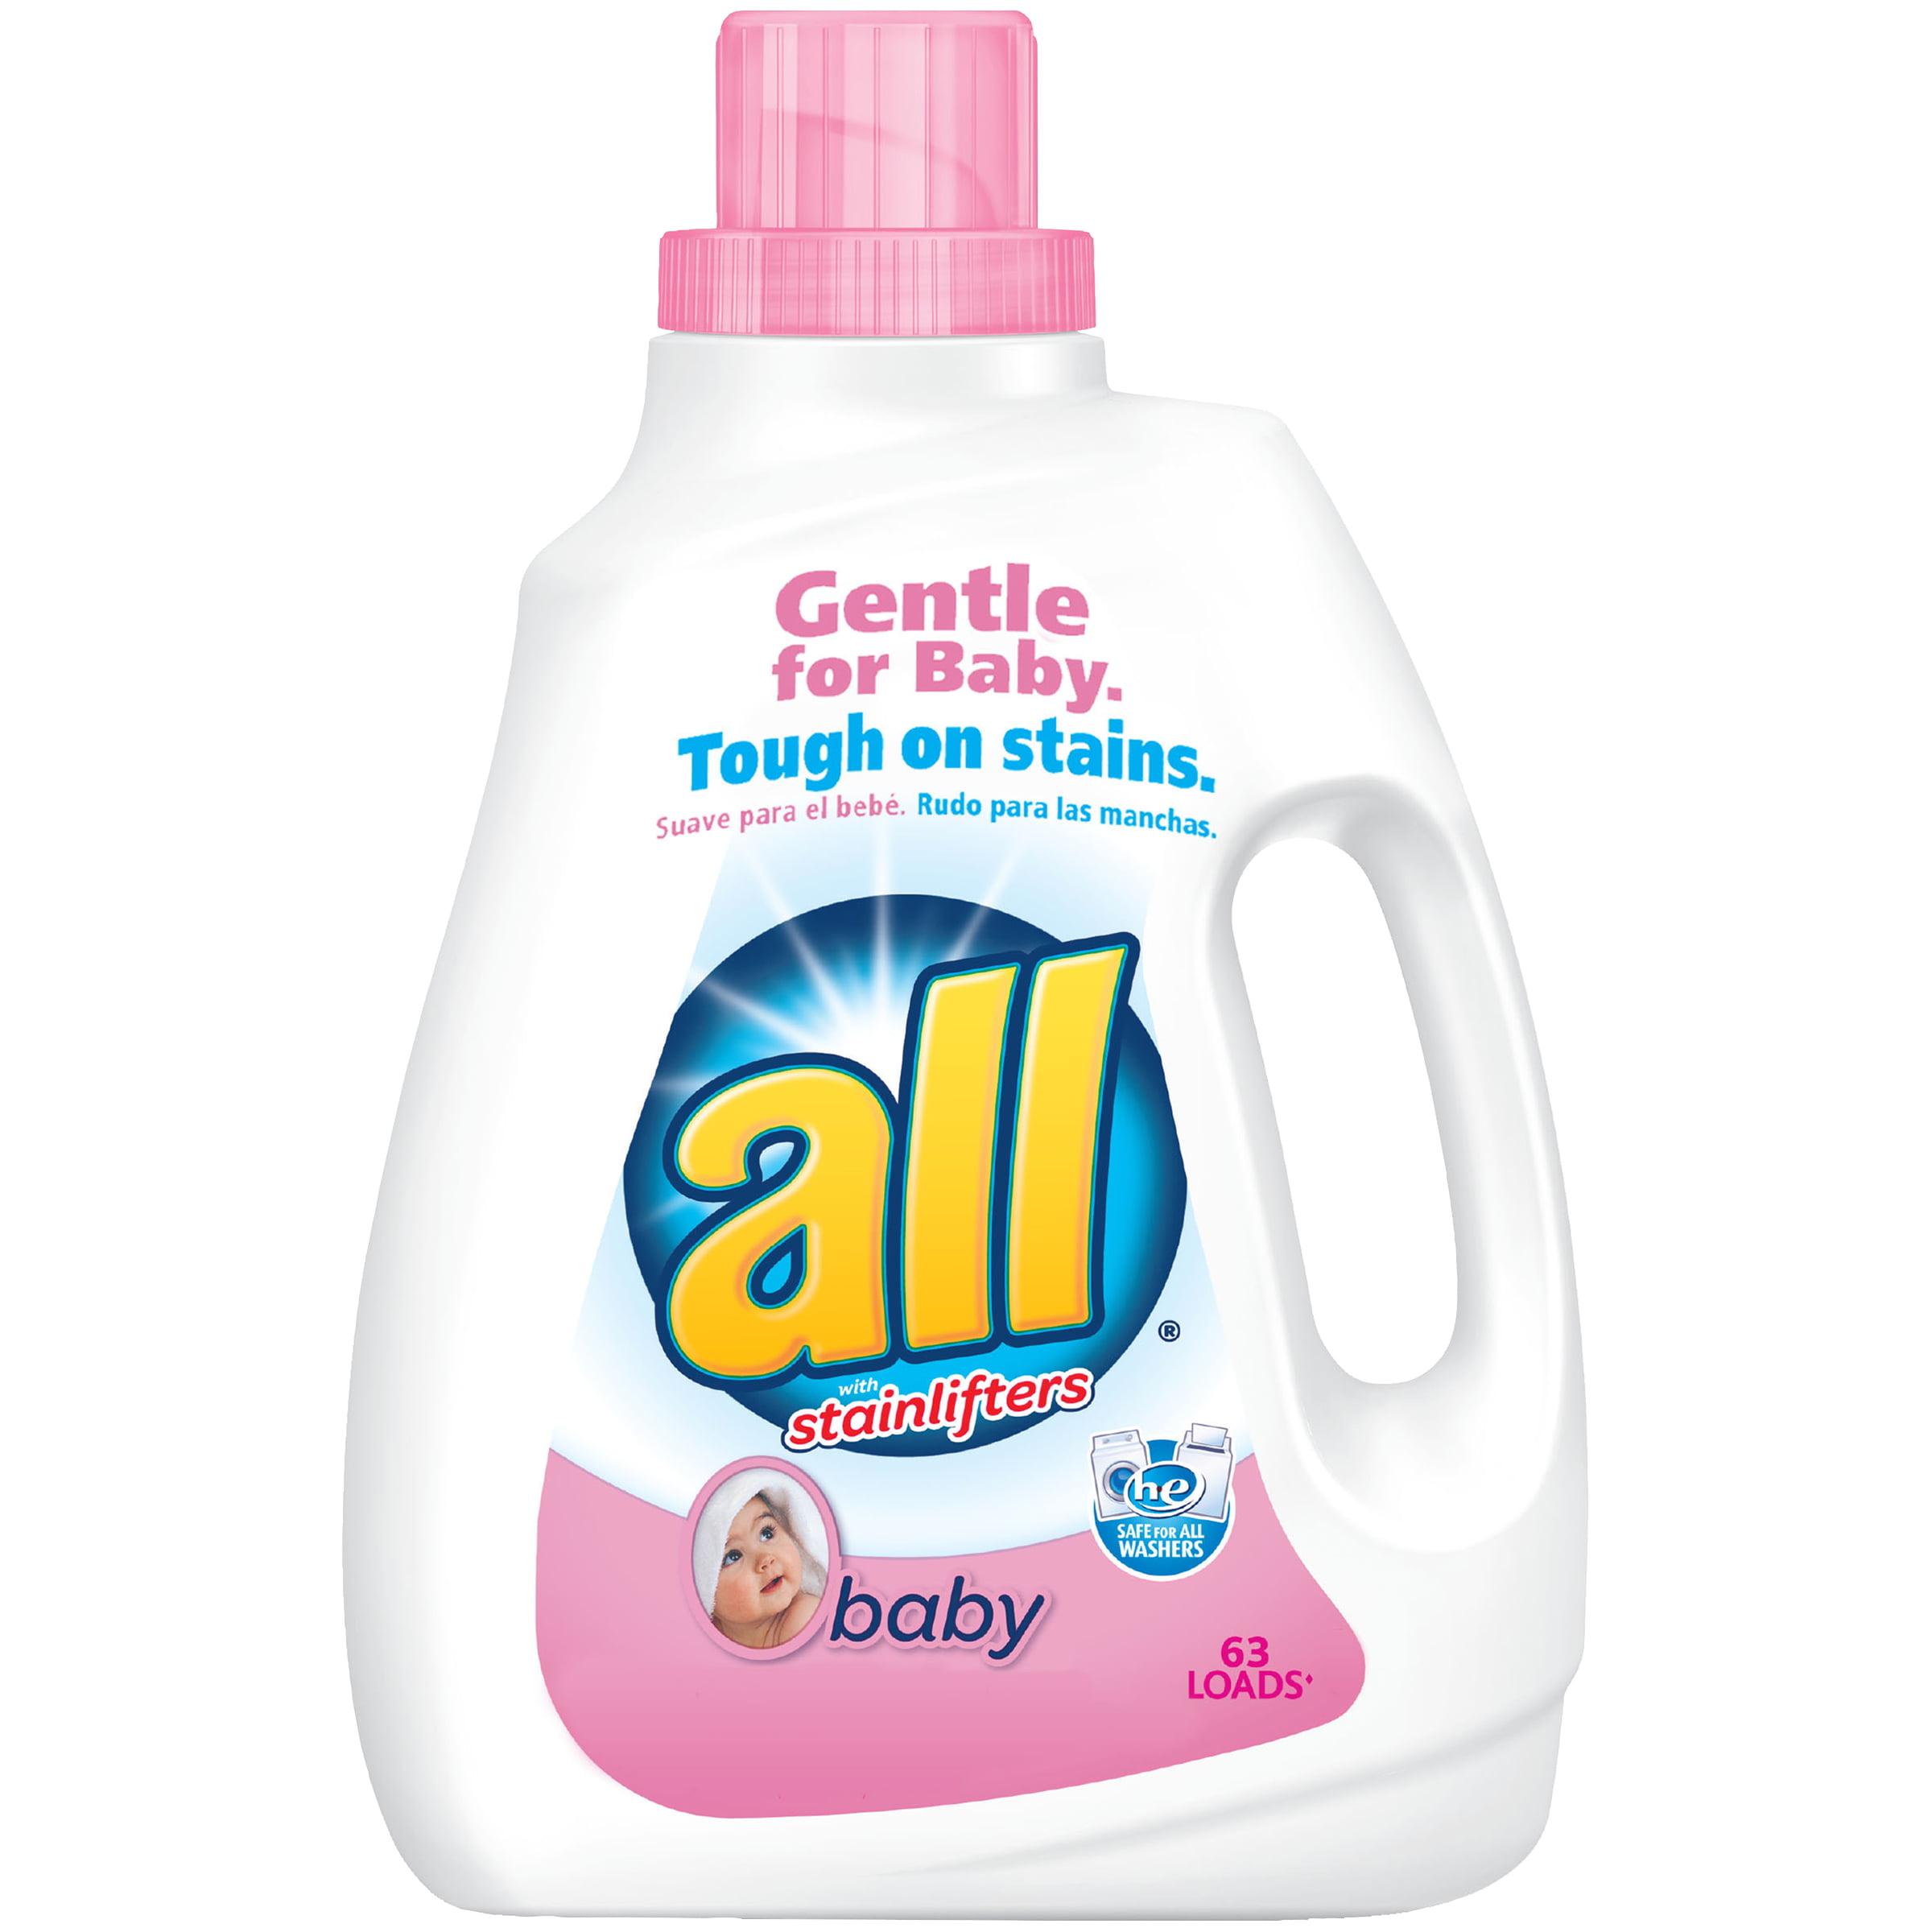 Baby washing detergent